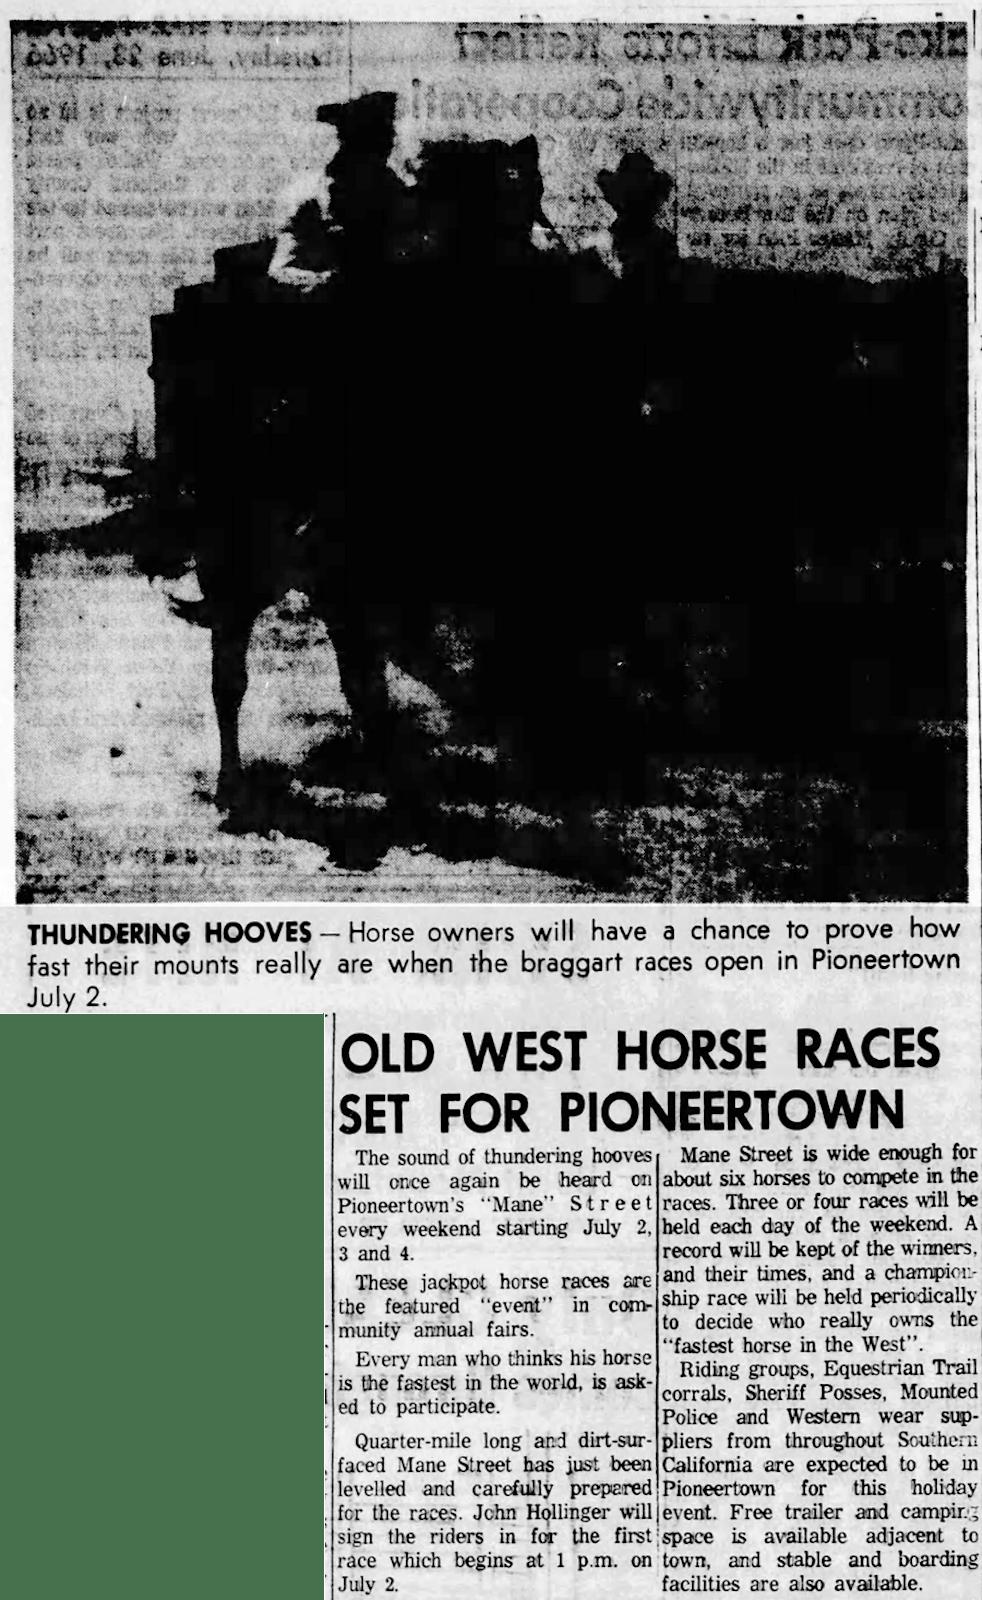 June 23, 1966 - Hi Desert Star clipping